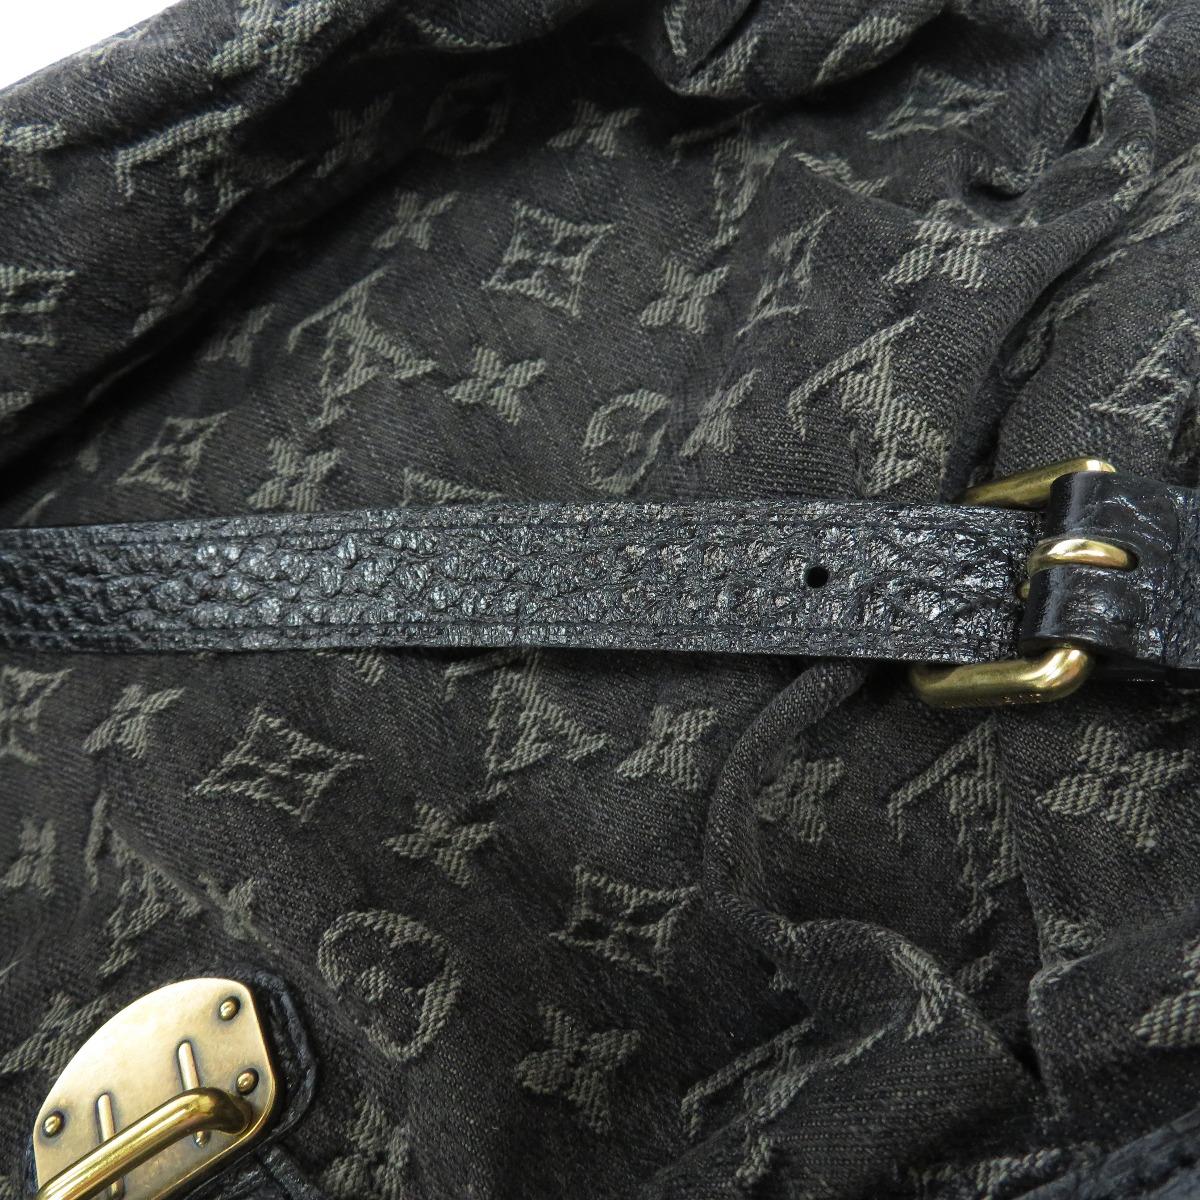 ルイヴィトン M95835 スライトリー ショルダーバッグ モノグラムデニム レディースLOUIS VUITTON0XwOk8nP